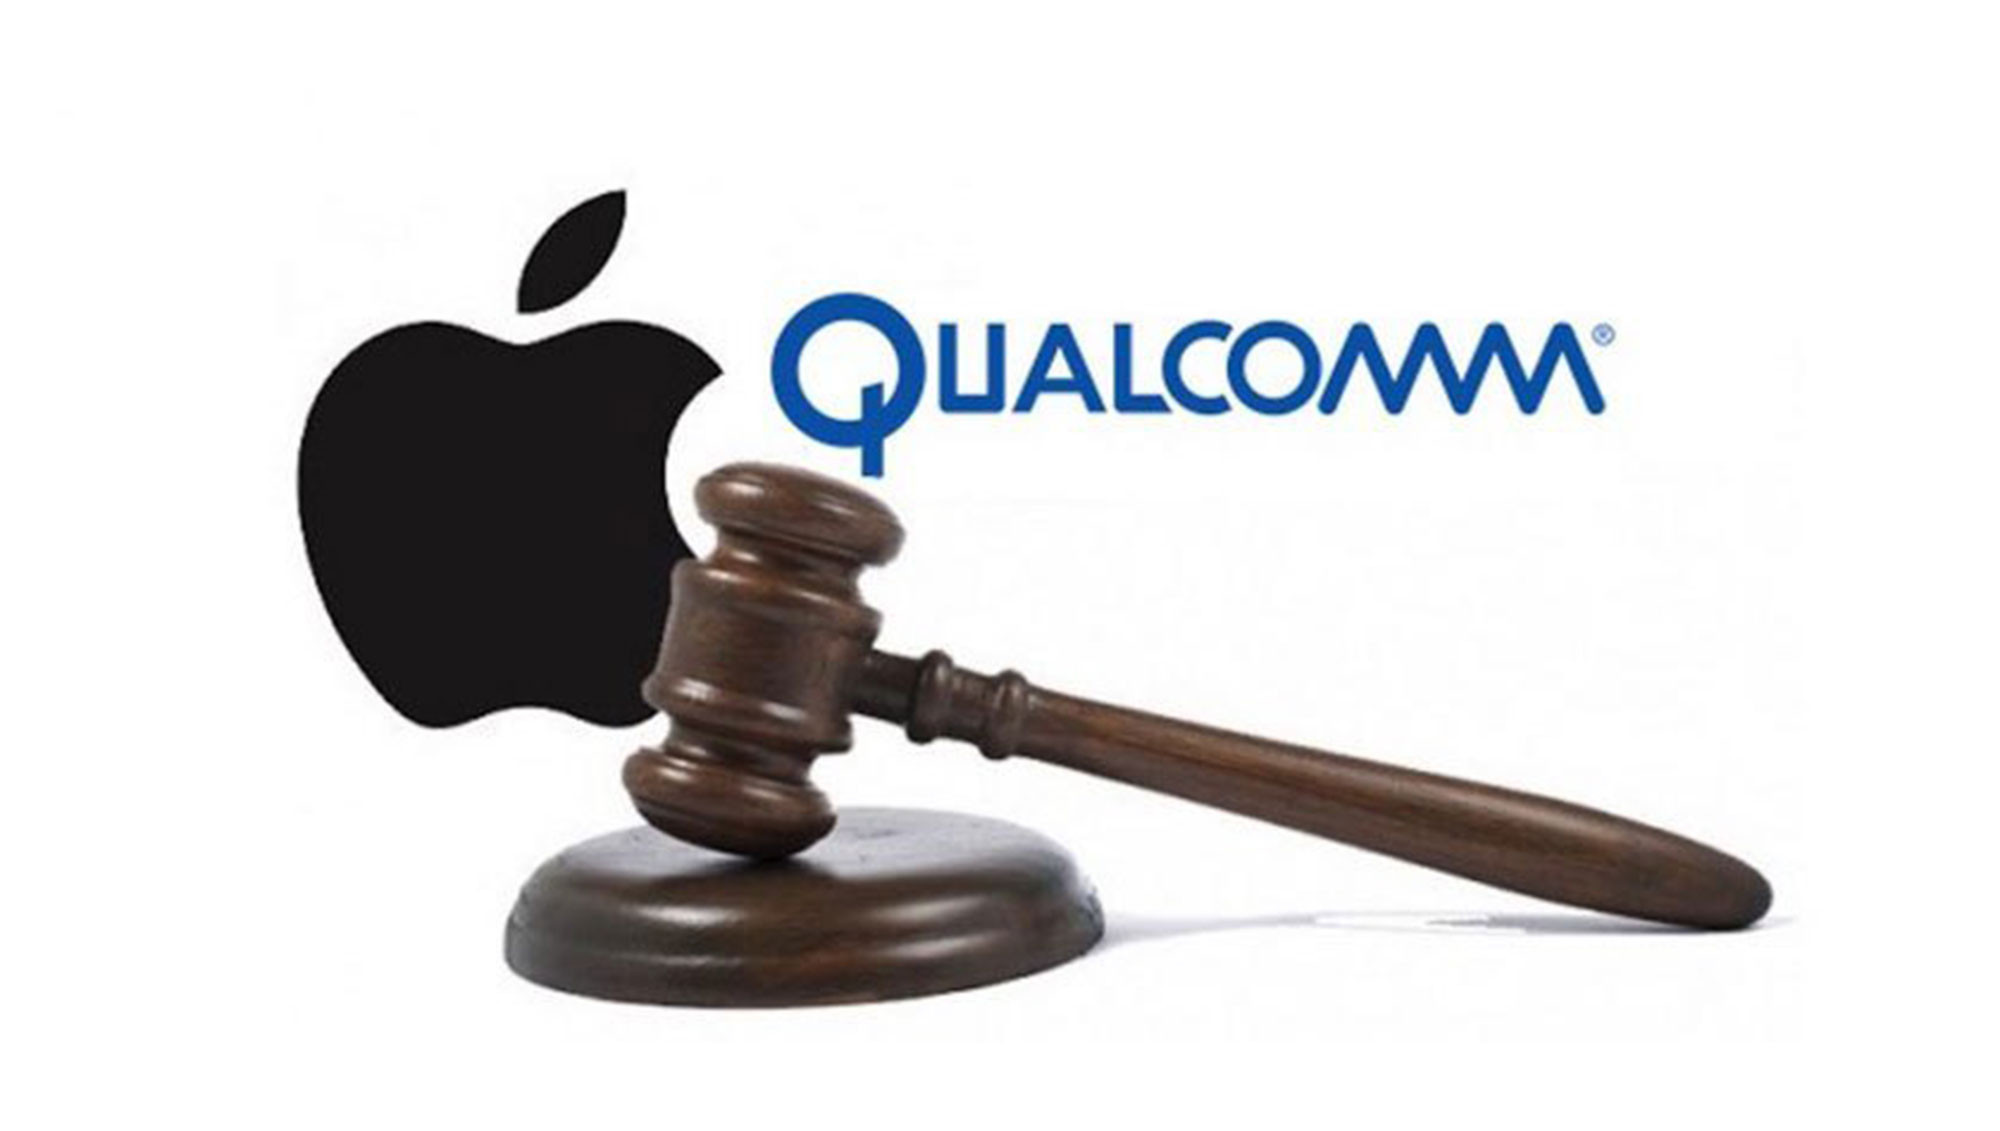 蘋果高通專利糾紛案中,陪審團認定蘋果侵權高通三項專利